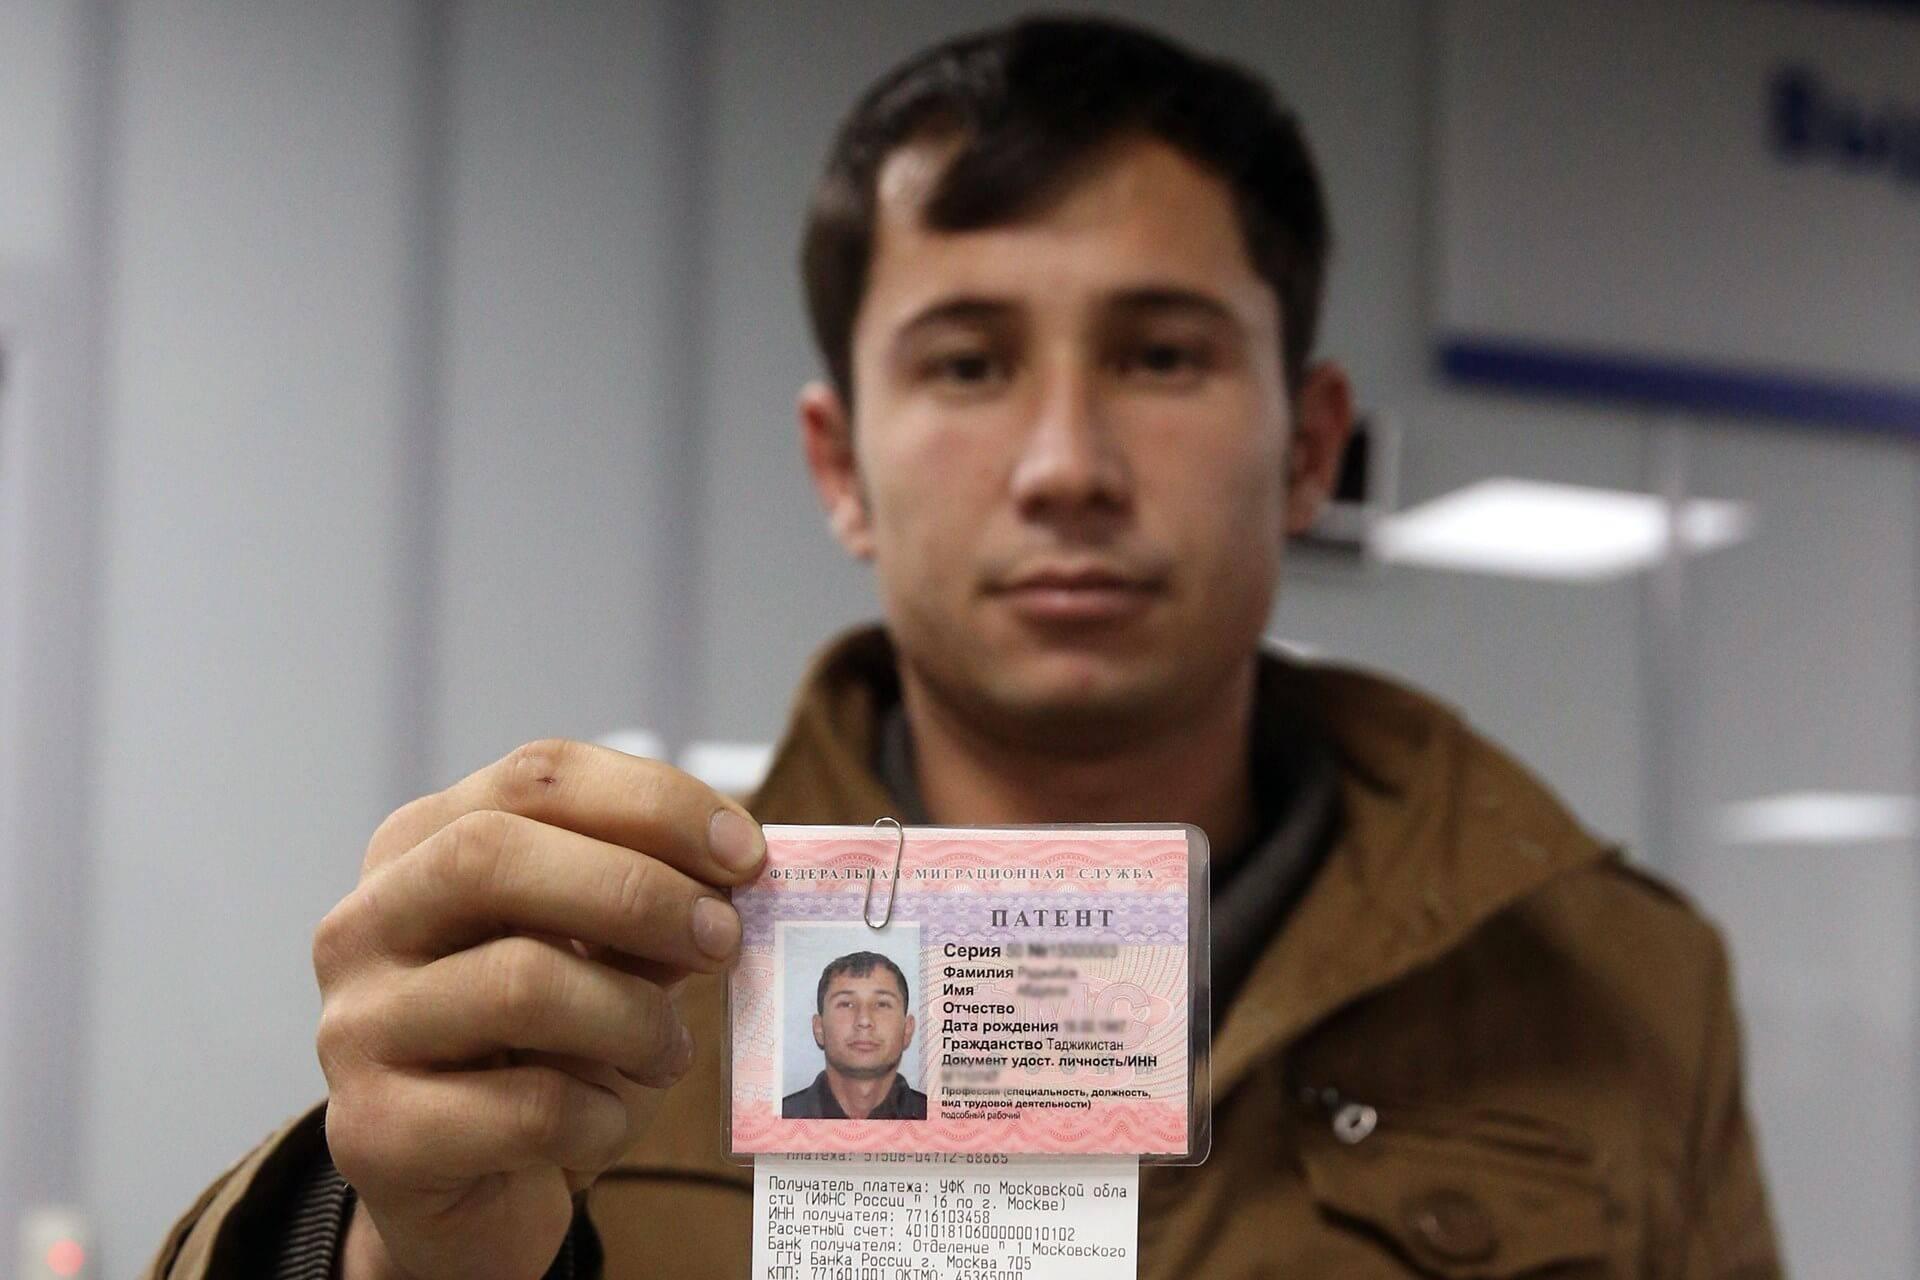 Работа в эстонии для русских: как получить рабочую визу и какие есть вакансии